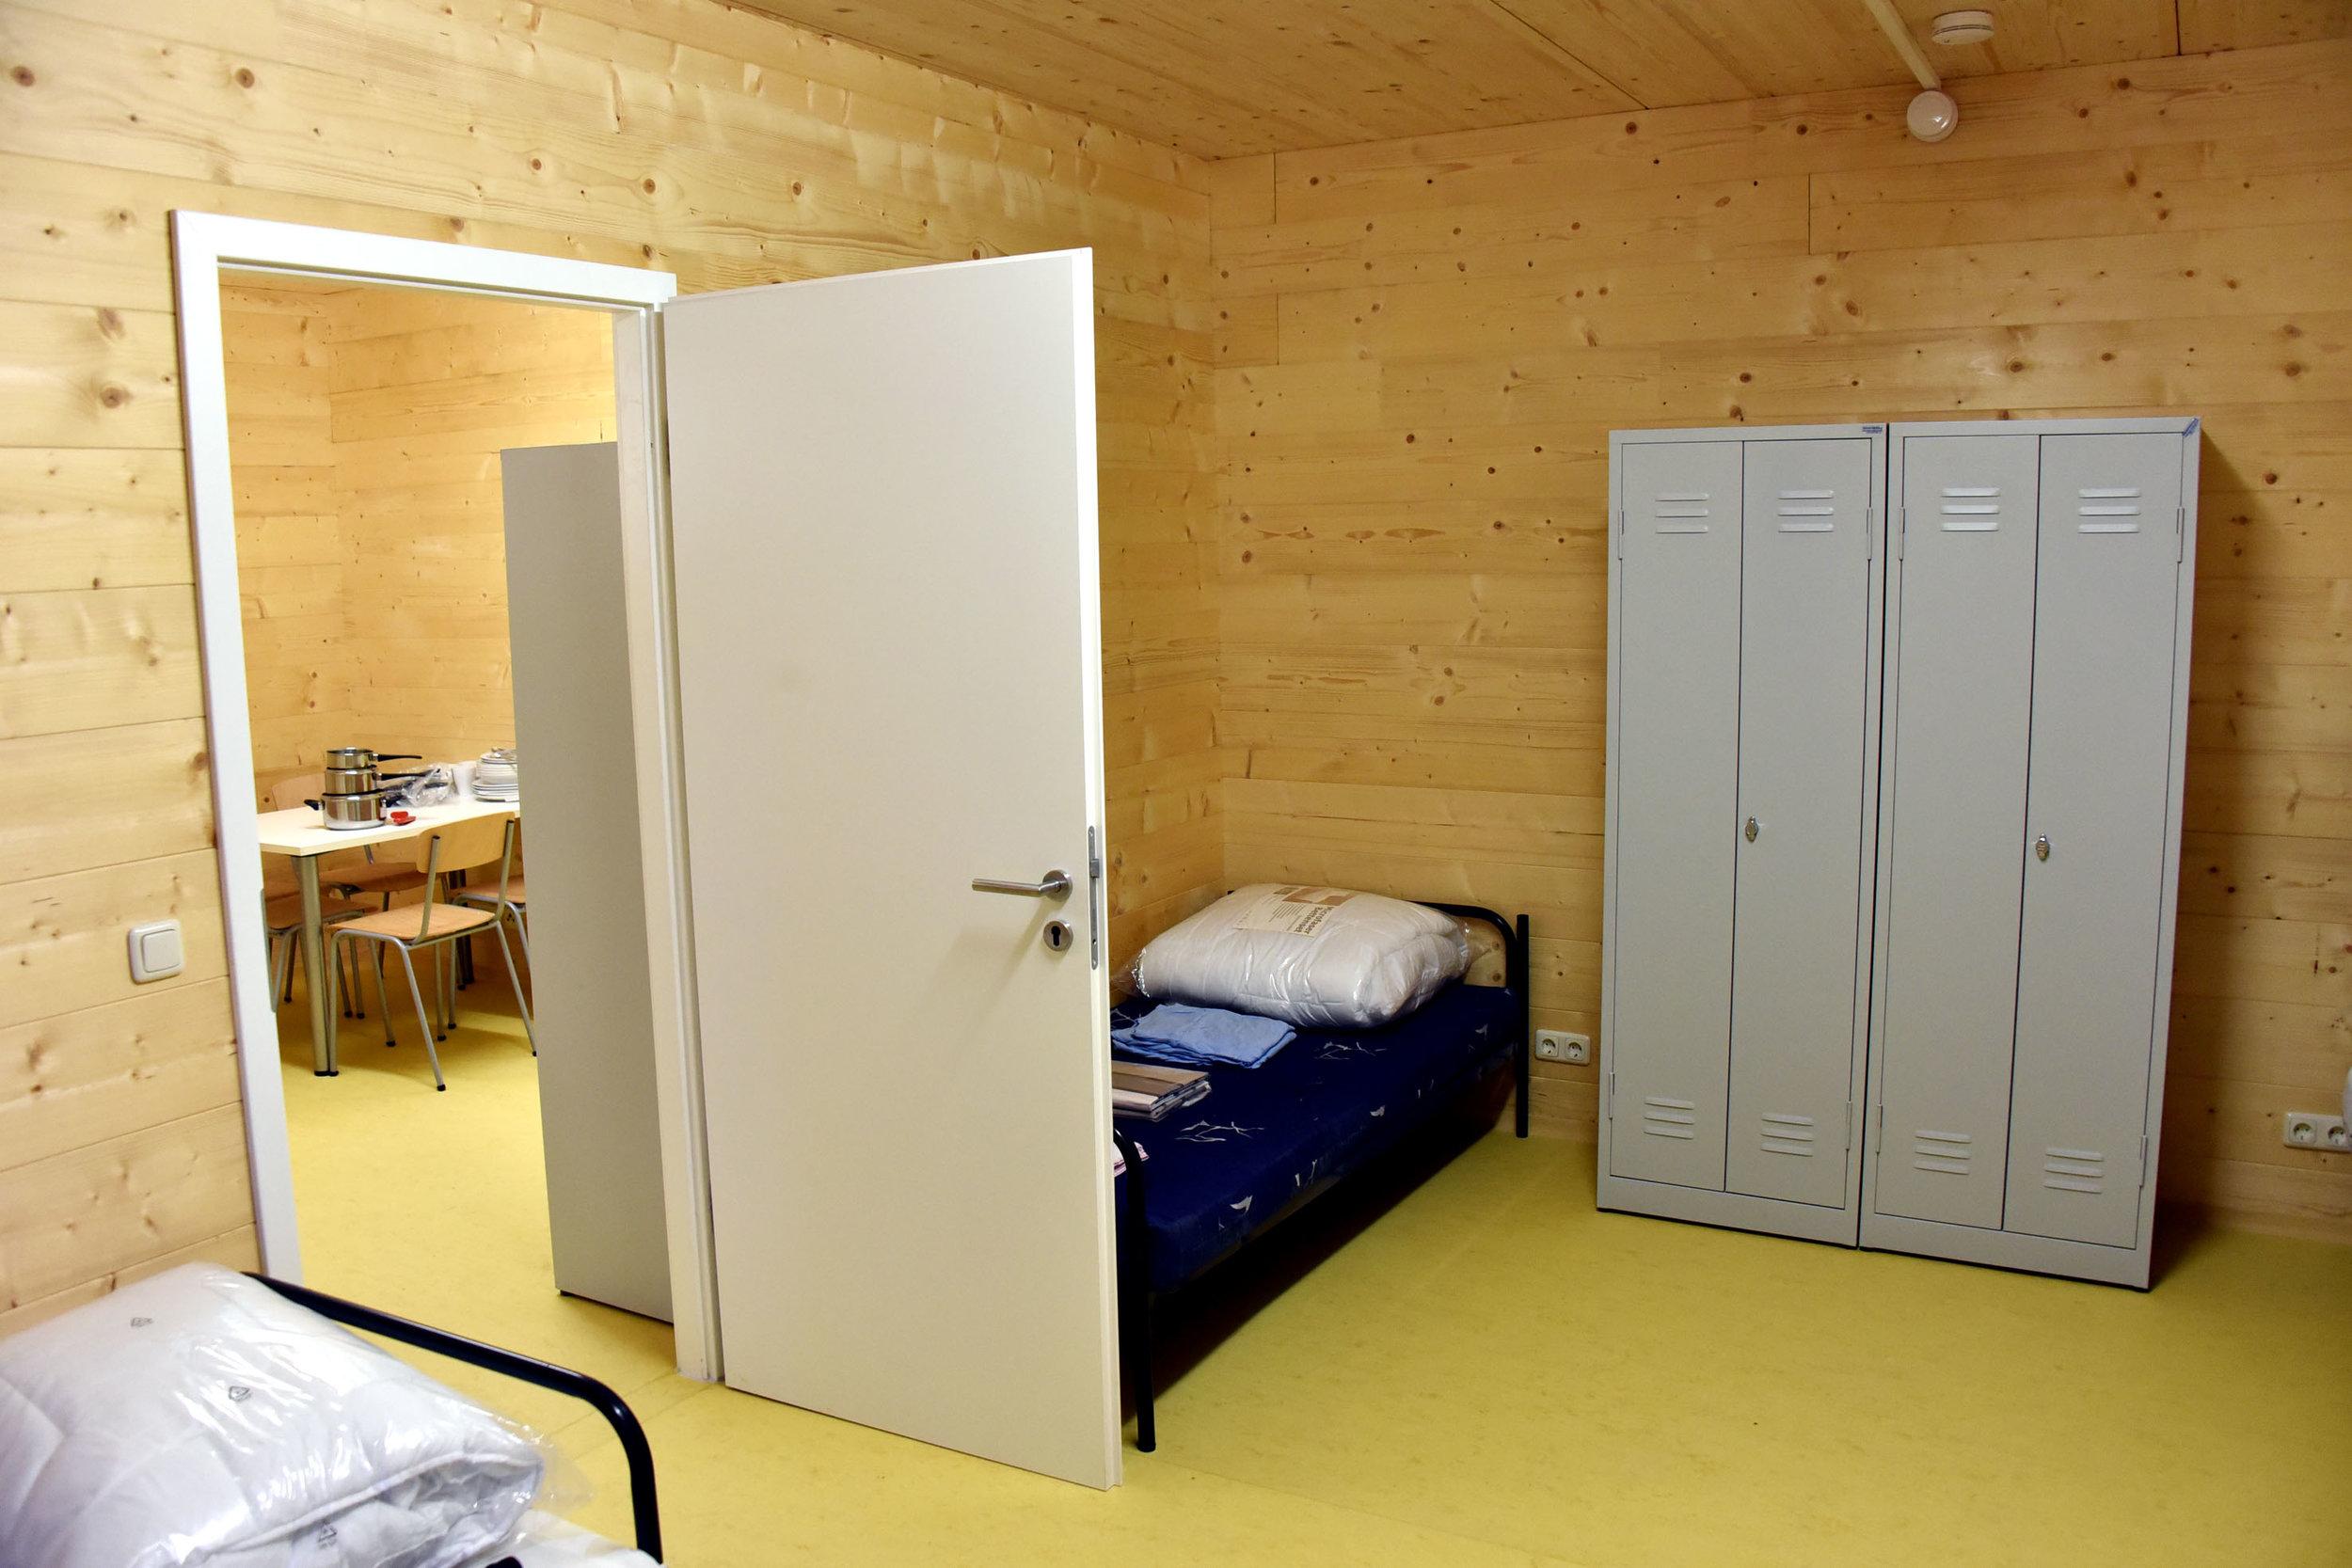 Jeweils fünf Personen wohnen zusammen in einem Zimmer. (Foto: Gerald Förtsch)